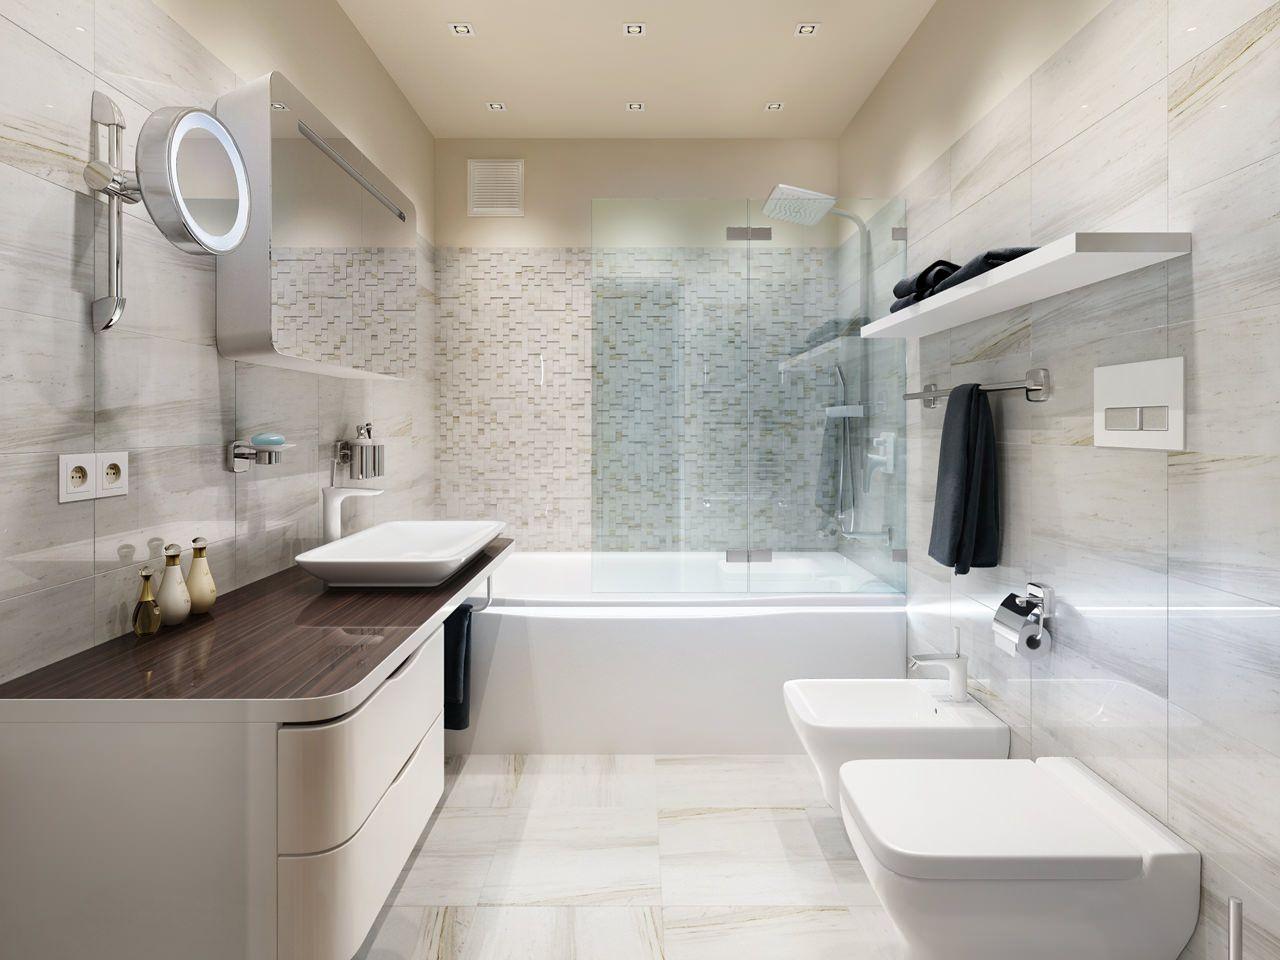 Cuartos De Baño Juveniles | Decoracion De Interiores Modernos Ideas Para Renovar Tu Sala